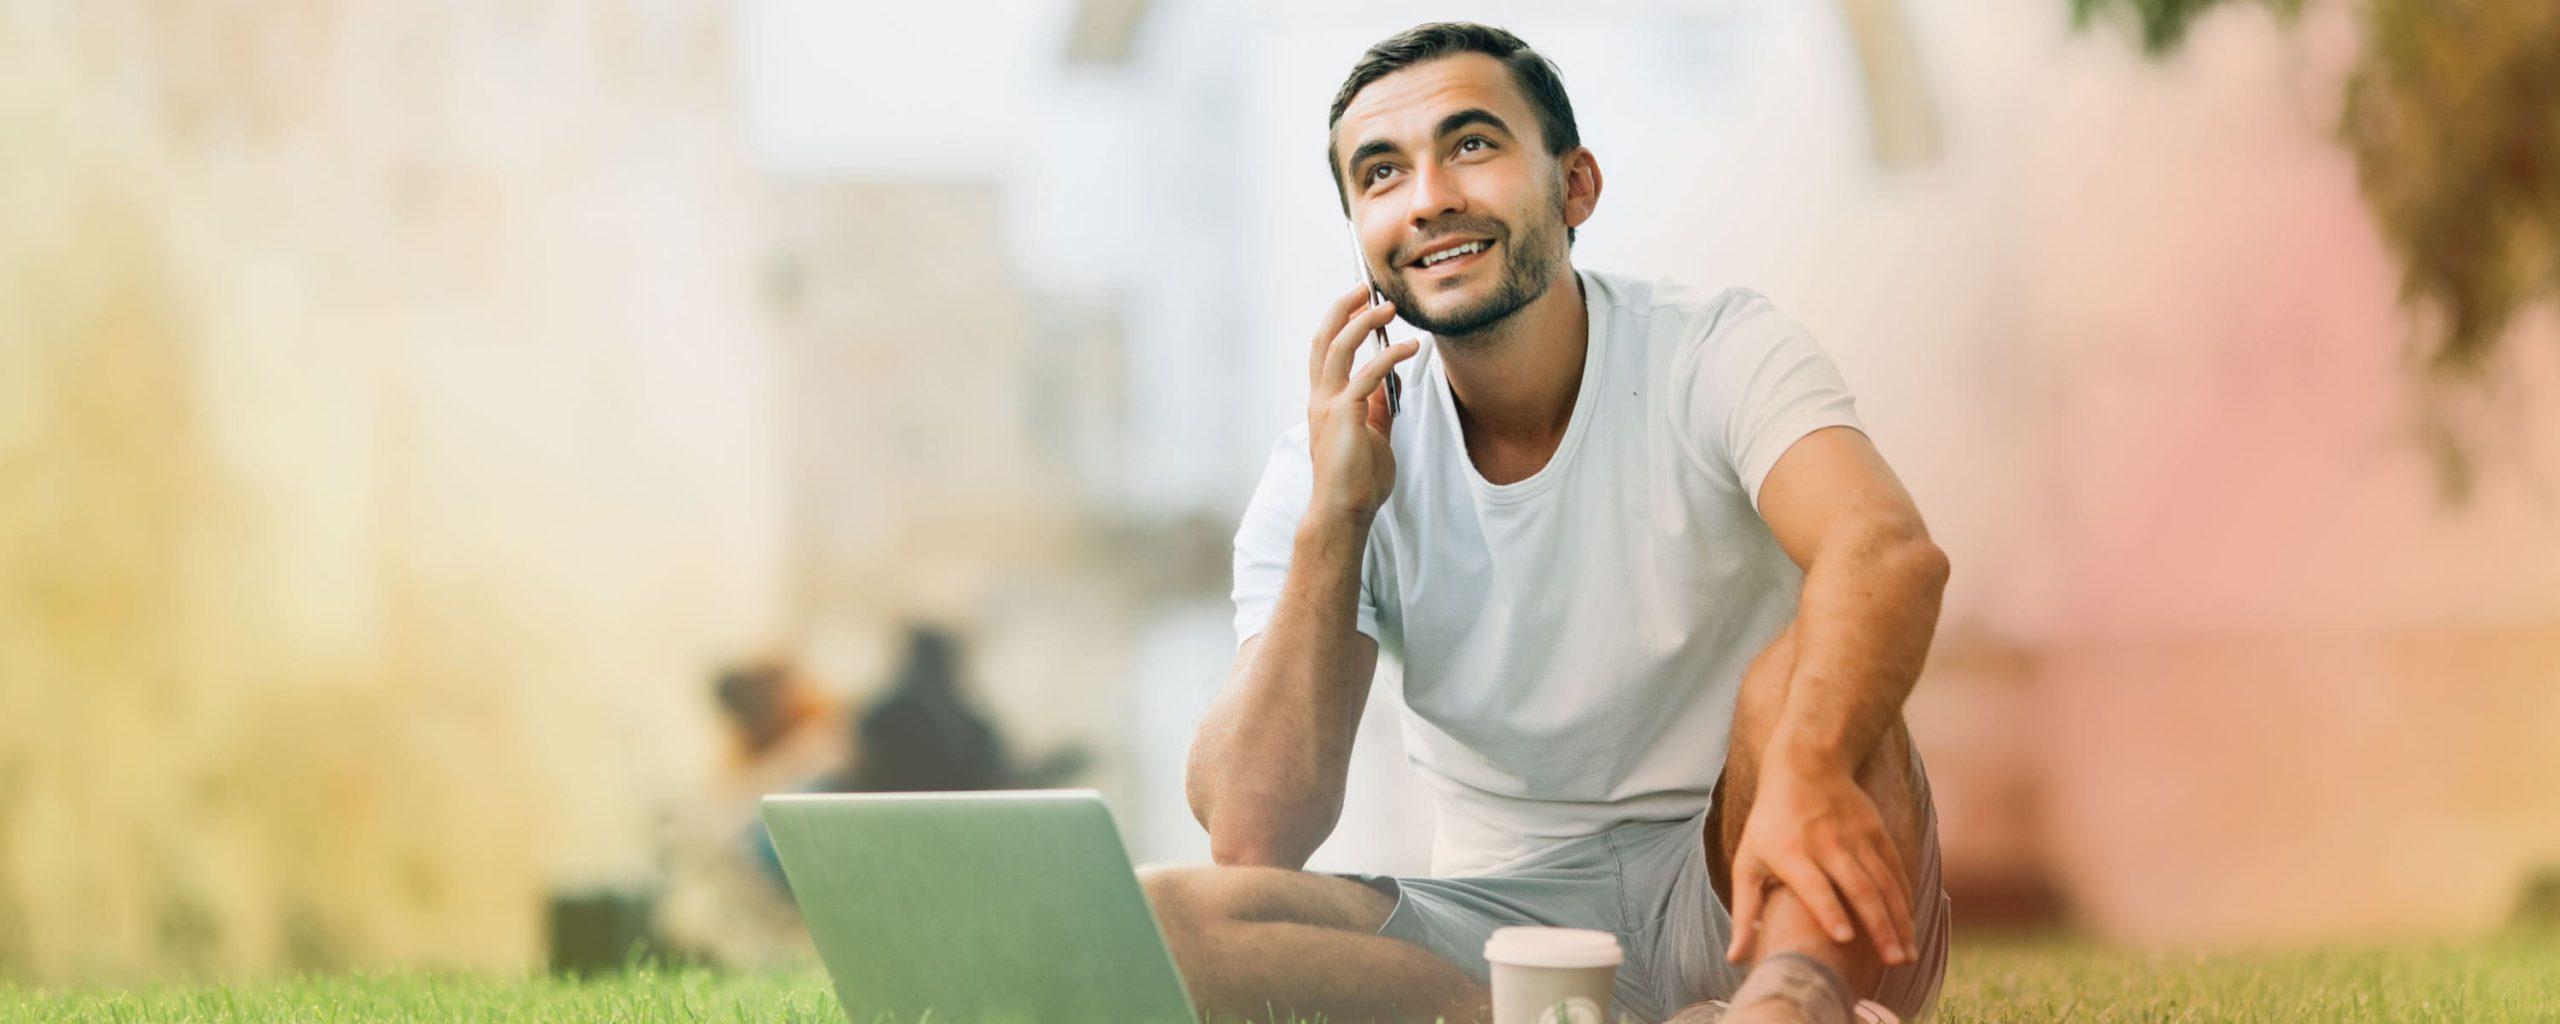 Lee más sobre el artículo Verano y trabajo: cómo convertirse en el candidato ideal